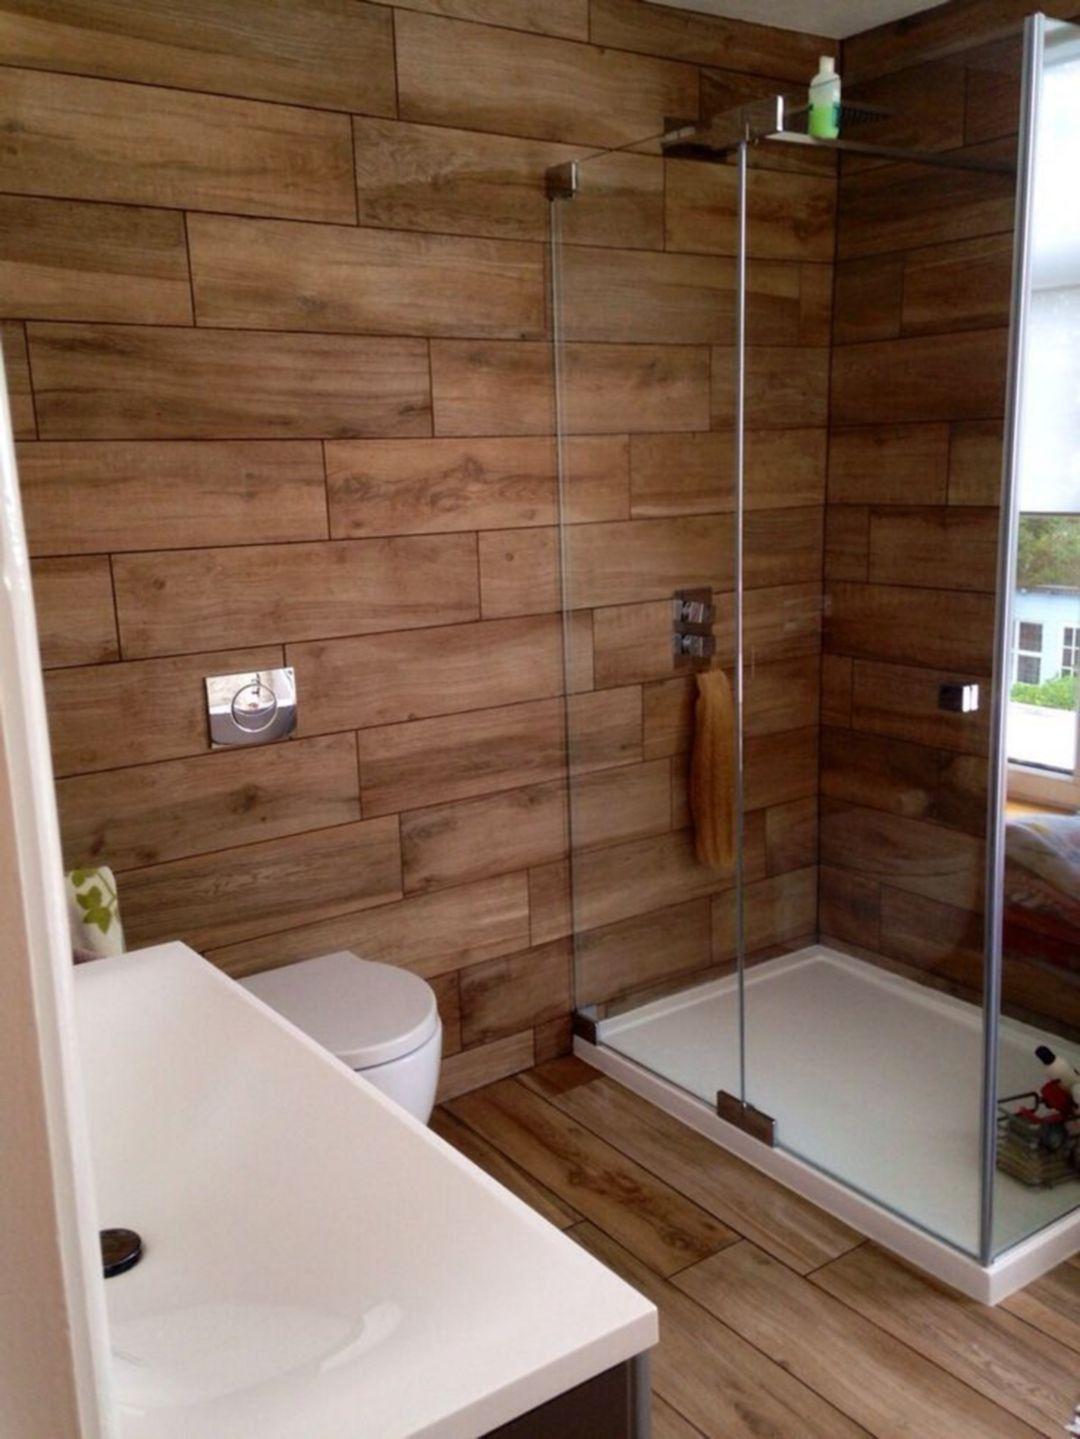 29 Wooden Flooring Bathroom Ideas And Makeover Badezimmer Einrichtung Badezimmer Neu Gestalten Holzfliesen Badezimmer